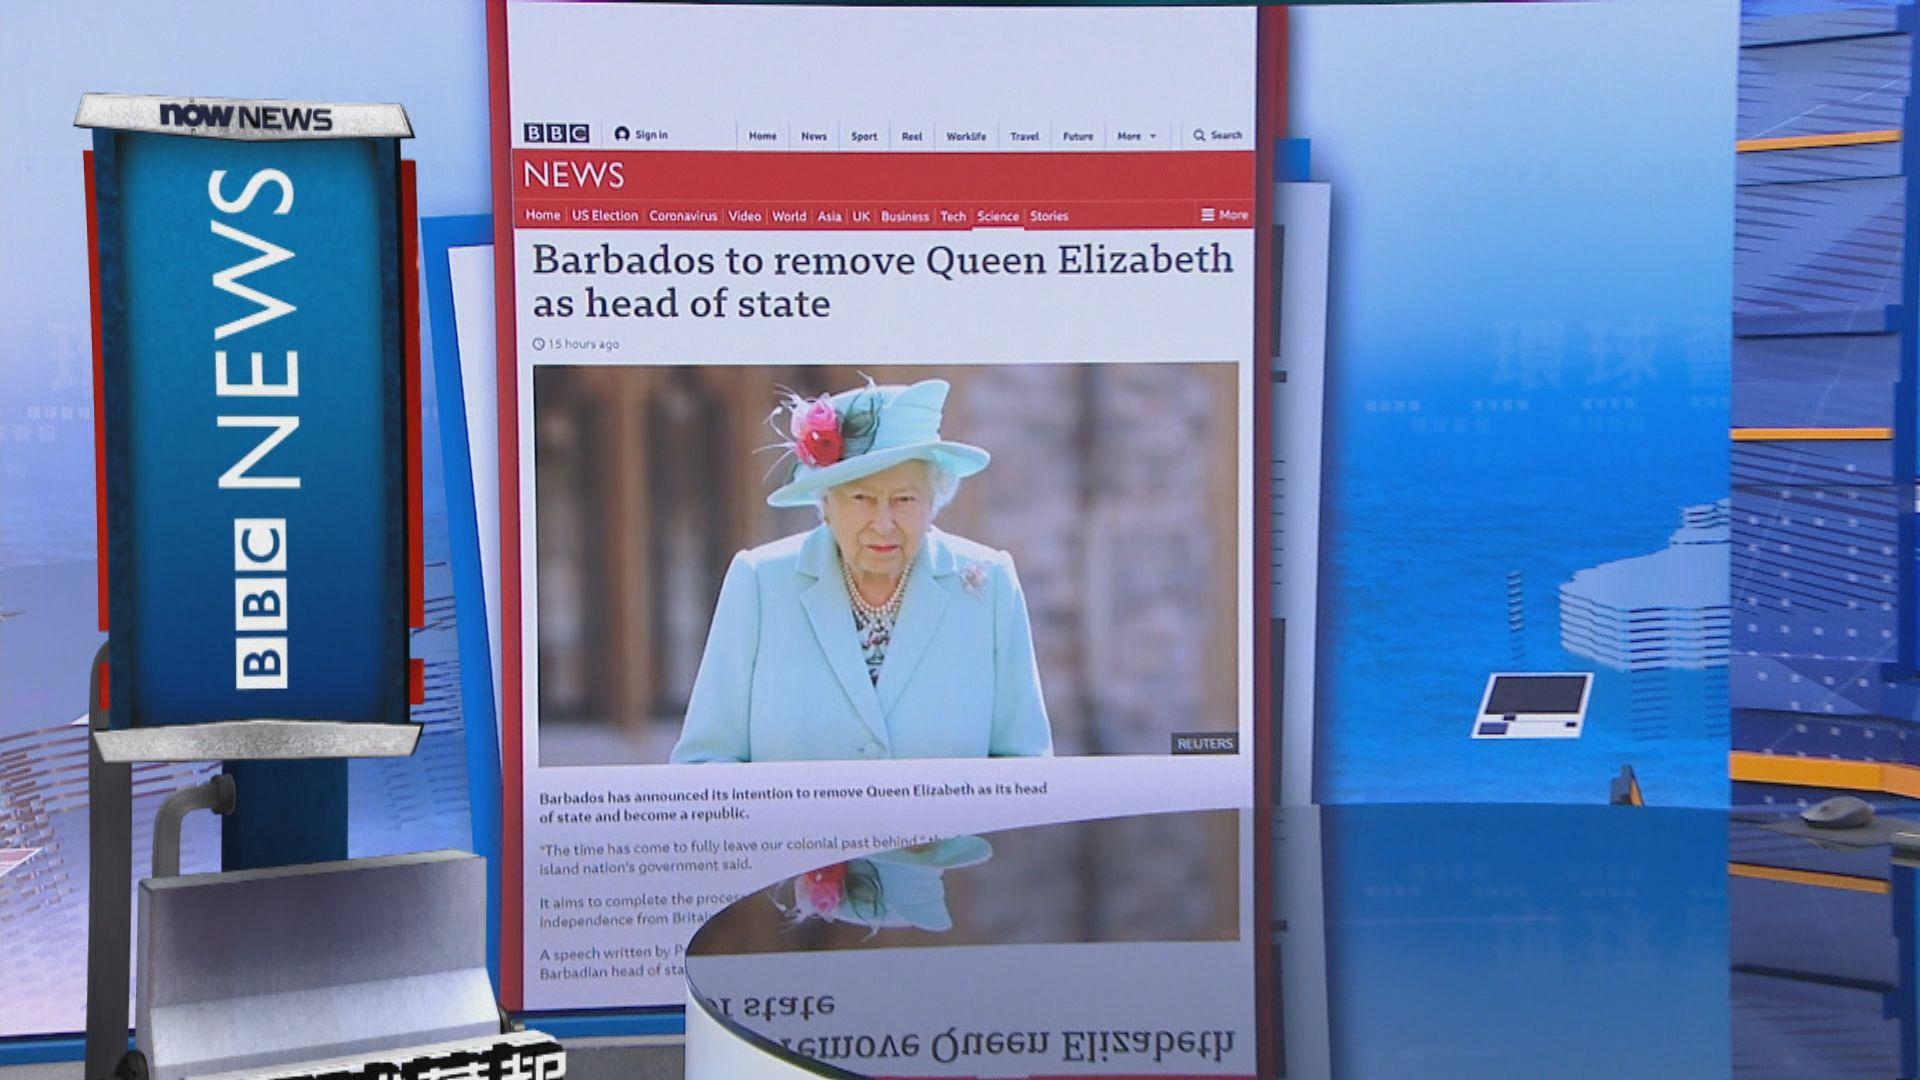 【環球薈報】前英殖民地巴巴多斯將不再承認英女王為國家元首